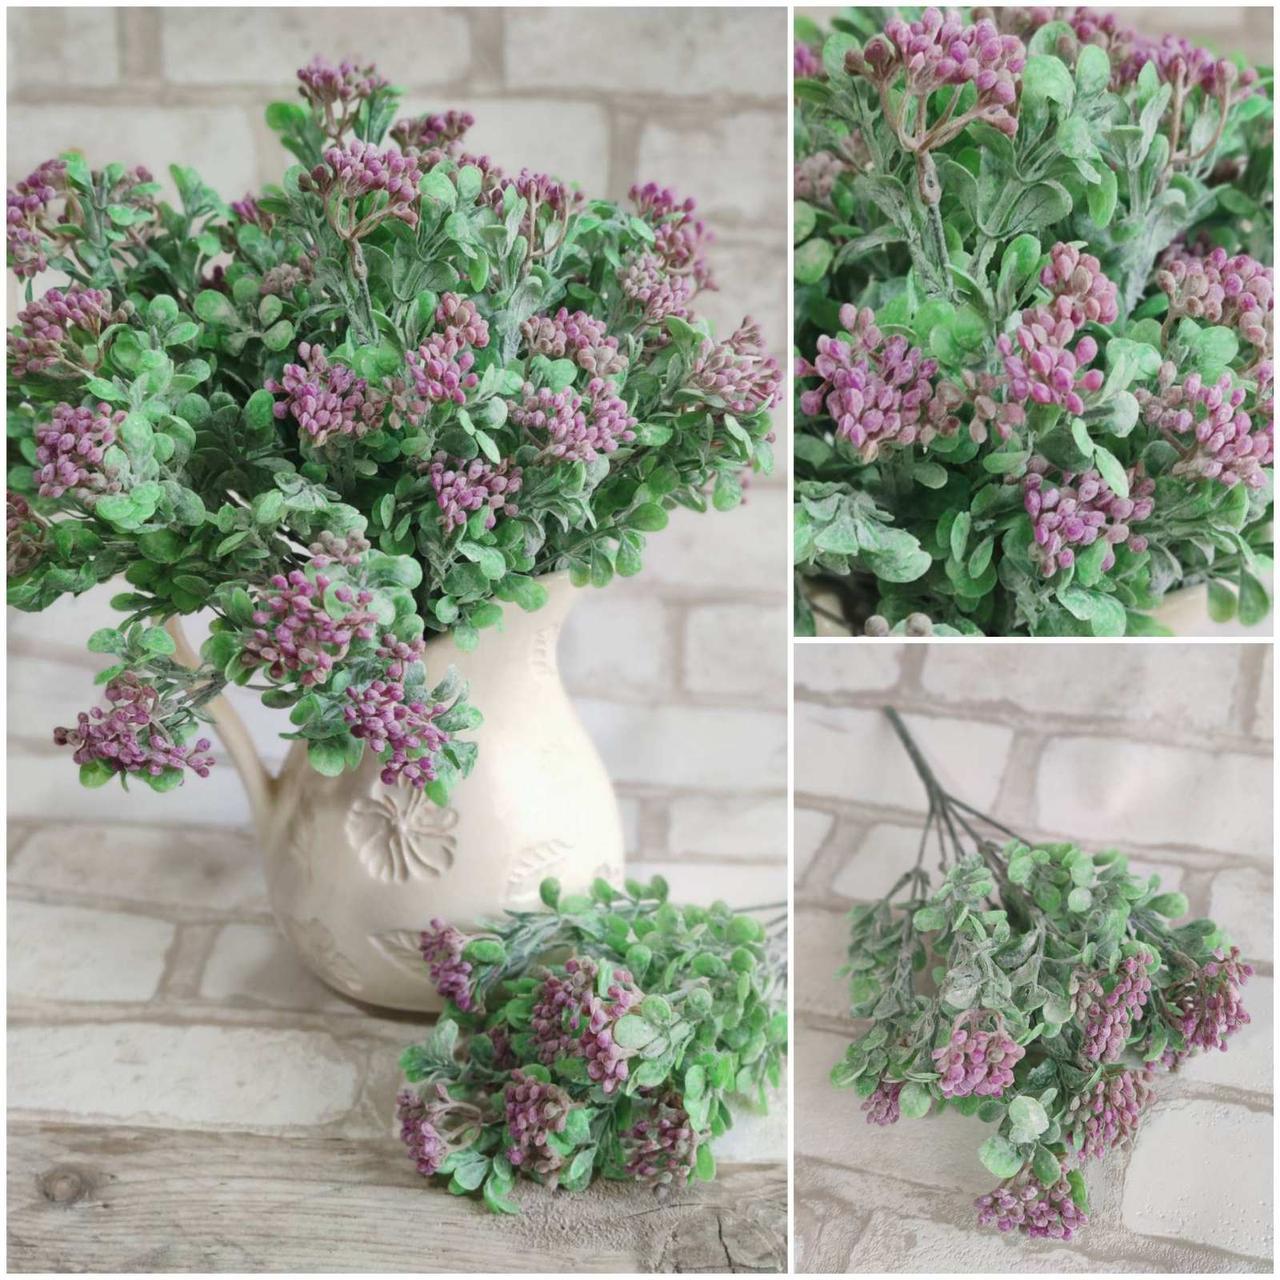 Букетик штучних квітів, інтер'єрних, декоративних, 7 гілочок, вис. 30 см., 40/30 (цена за 1 шт. + 10 гр.)